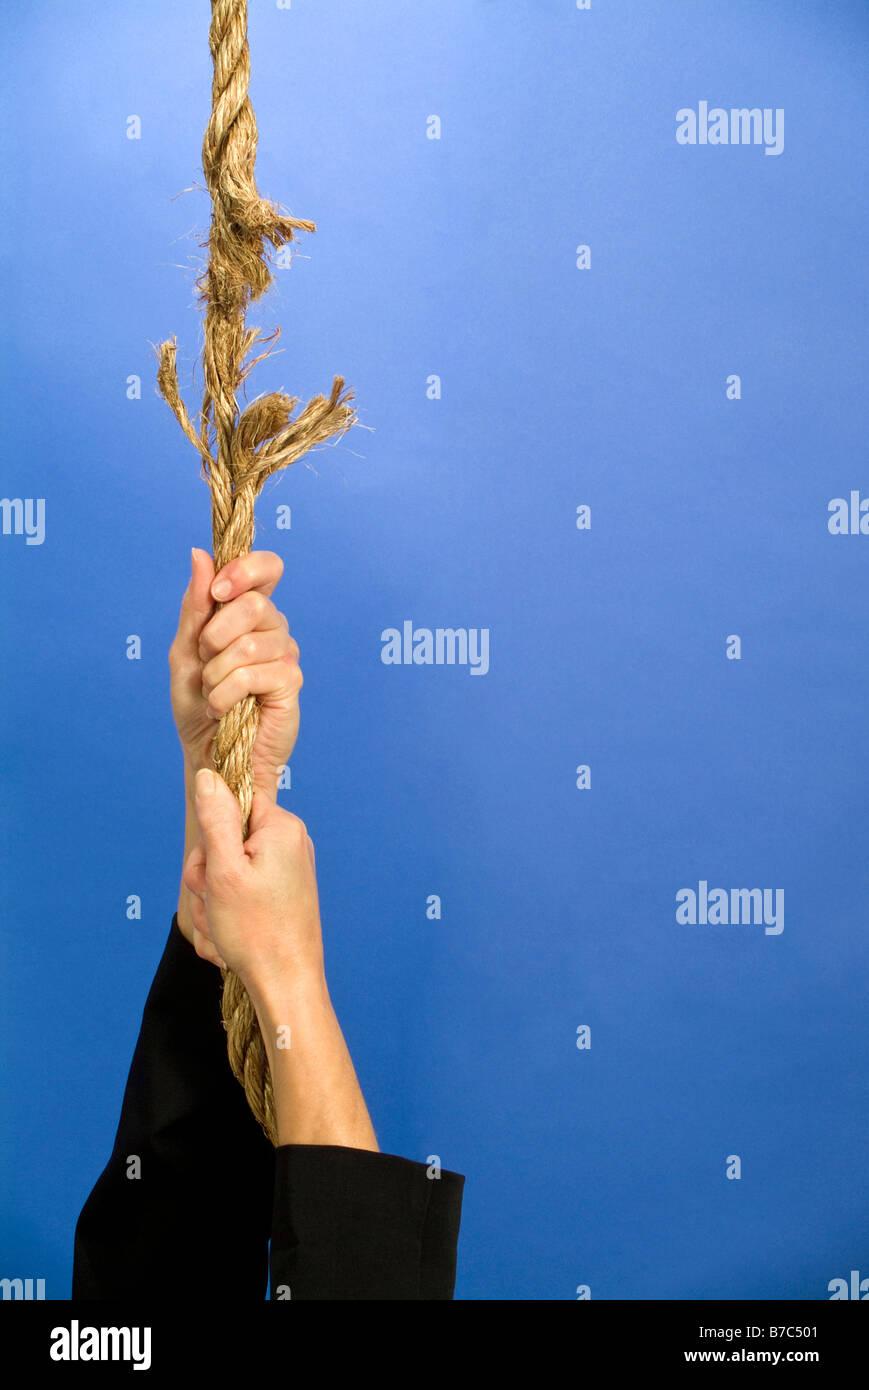 Une personne s'accrocher à une corde qui est effilochée et sur le point de rompre Photo Stock